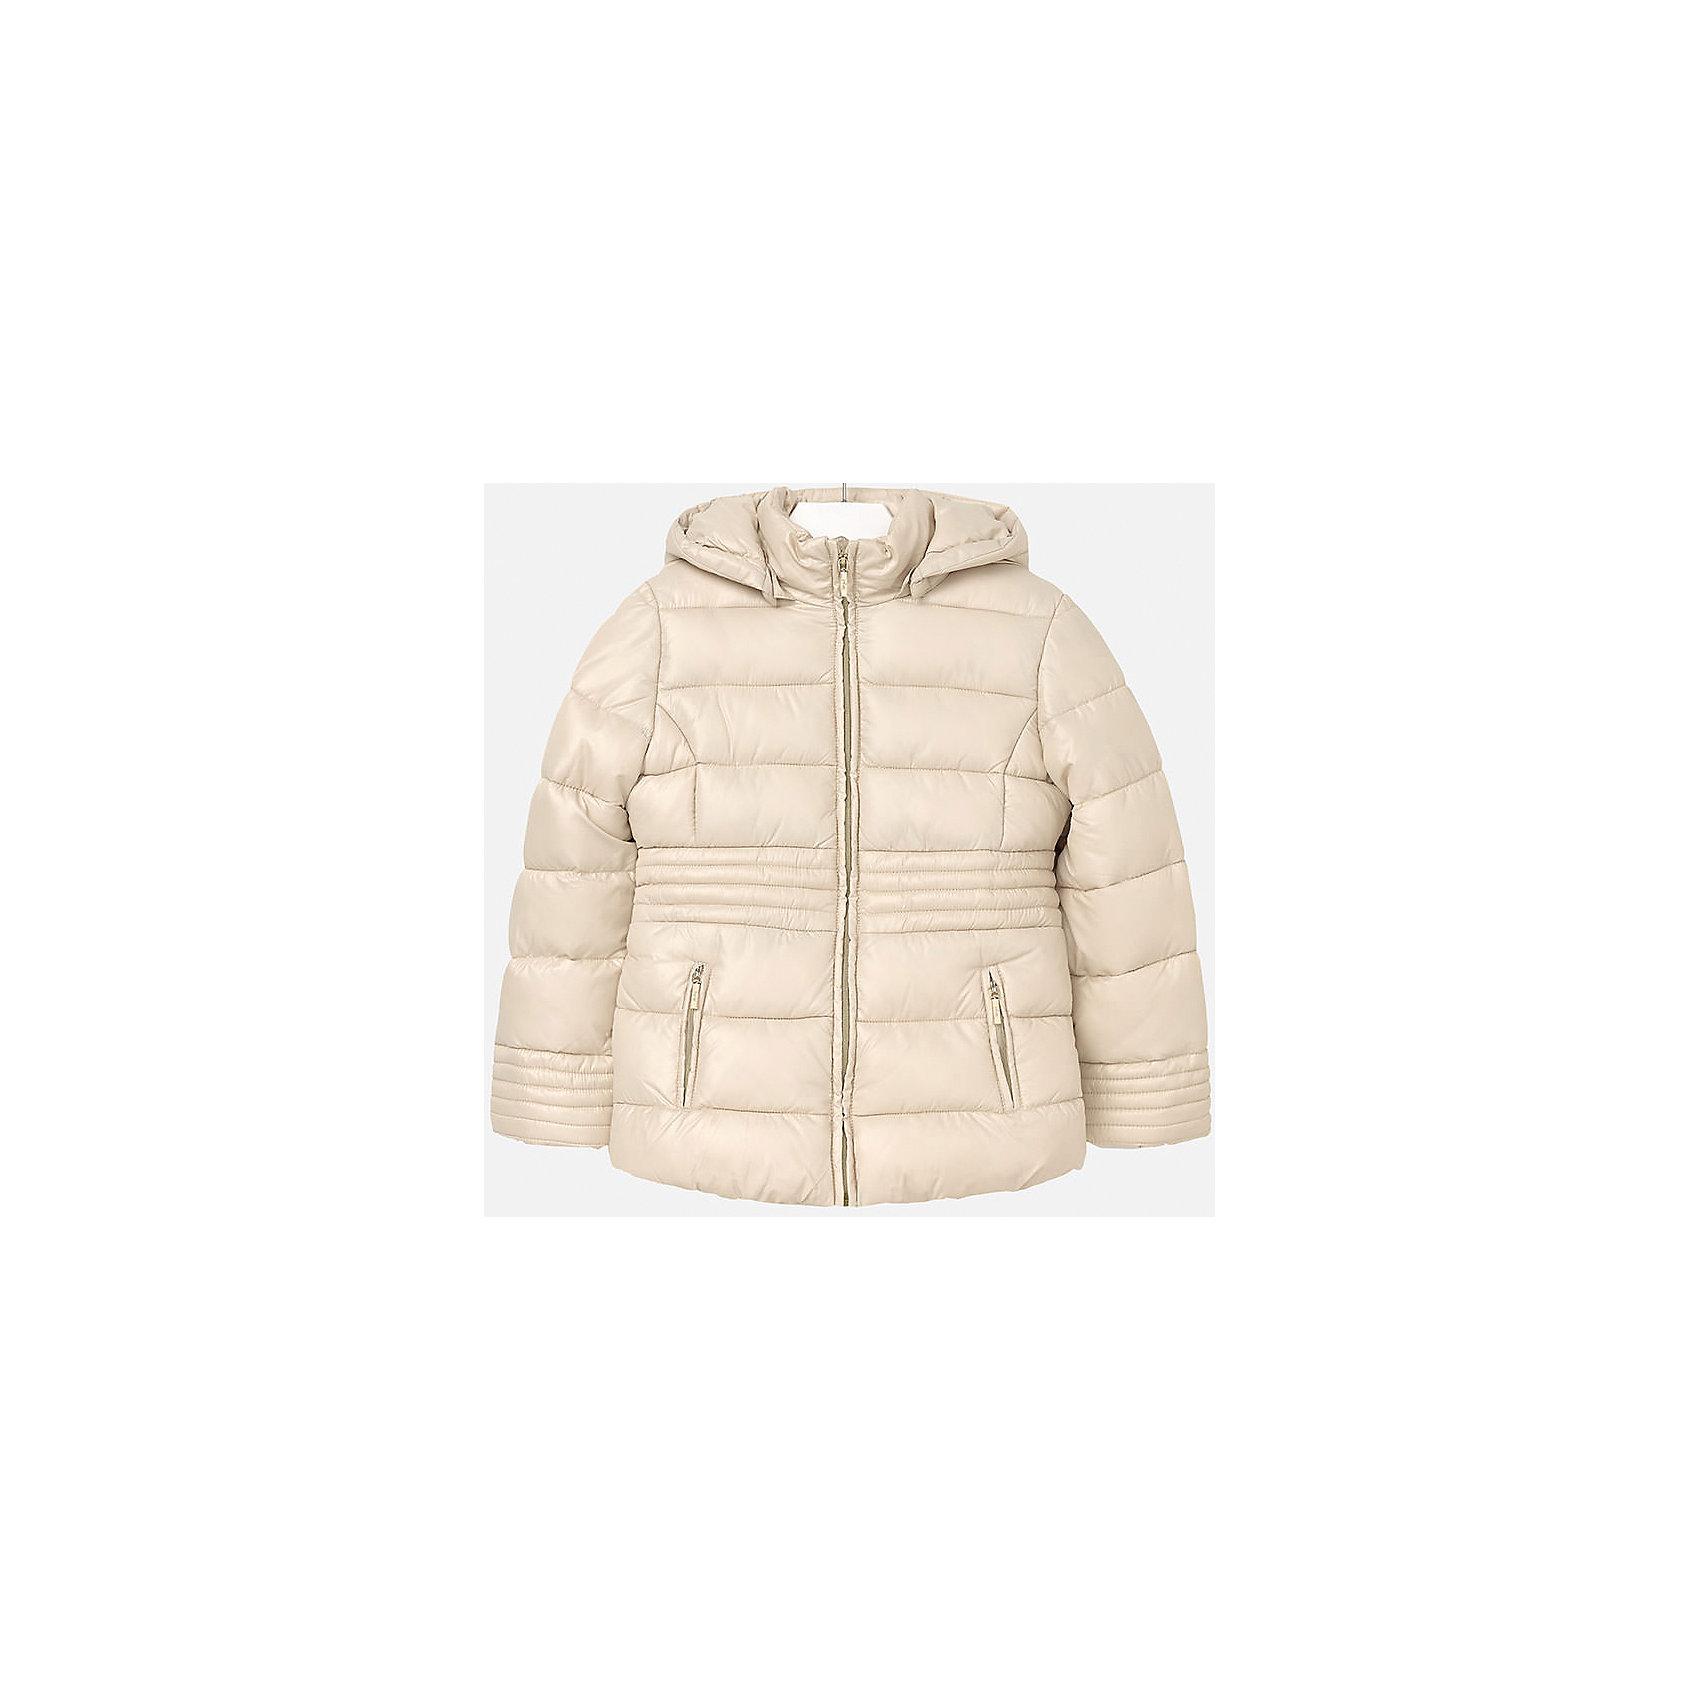 Куртка для девочки MayoralКуртка для девочки Mayoral отлично подойдет для холодной осени. Модель выполнена из высококачественной водоотталкивающей ткани, имеет воротник стойку надежно защищающий шею ребенка от холодного ветра, и отстегивающийся капюшон. Куртка дополнена двумя боковыми карманами на молнии и мягкую подкладку. Нейтральная расцветка позволяет модели сочетаться с любыми вещами в гардеробе. <br><br>Дополнительная информация:<br><br>- Температурный режим: от + 5? до - 5?.<br>- Сезон: демисезонная.<br>- Тип застежки: молния. <br>- Прочная водоотталкивающая ткань.<br>- Капюшон на кнопках (отстёгивается).<br>- Воротник-стойка. <br>- 2 боковых кармана на молнии. <br>Состав: <br>верх - 100% полиэстер; подкладка - 100% полиэстер; наполнитель - 100% полиэстер.<br><br>Куртка для девочки Mayoral (Майорал), бежевую, можно купить в нашем магазине.<br><br>Ширина мм: 356<br>Глубина мм: 10<br>Высота мм: 245<br>Вес г: 519<br>Цвет: желтый<br>Возраст от месяцев: 132<br>Возраст до месяцев: 144<br>Пол: Женский<br>Возраст: Детский<br>Размер: 134/140,146/152,158/164,128/134,152/158,164/170<br>SKU: 4845950